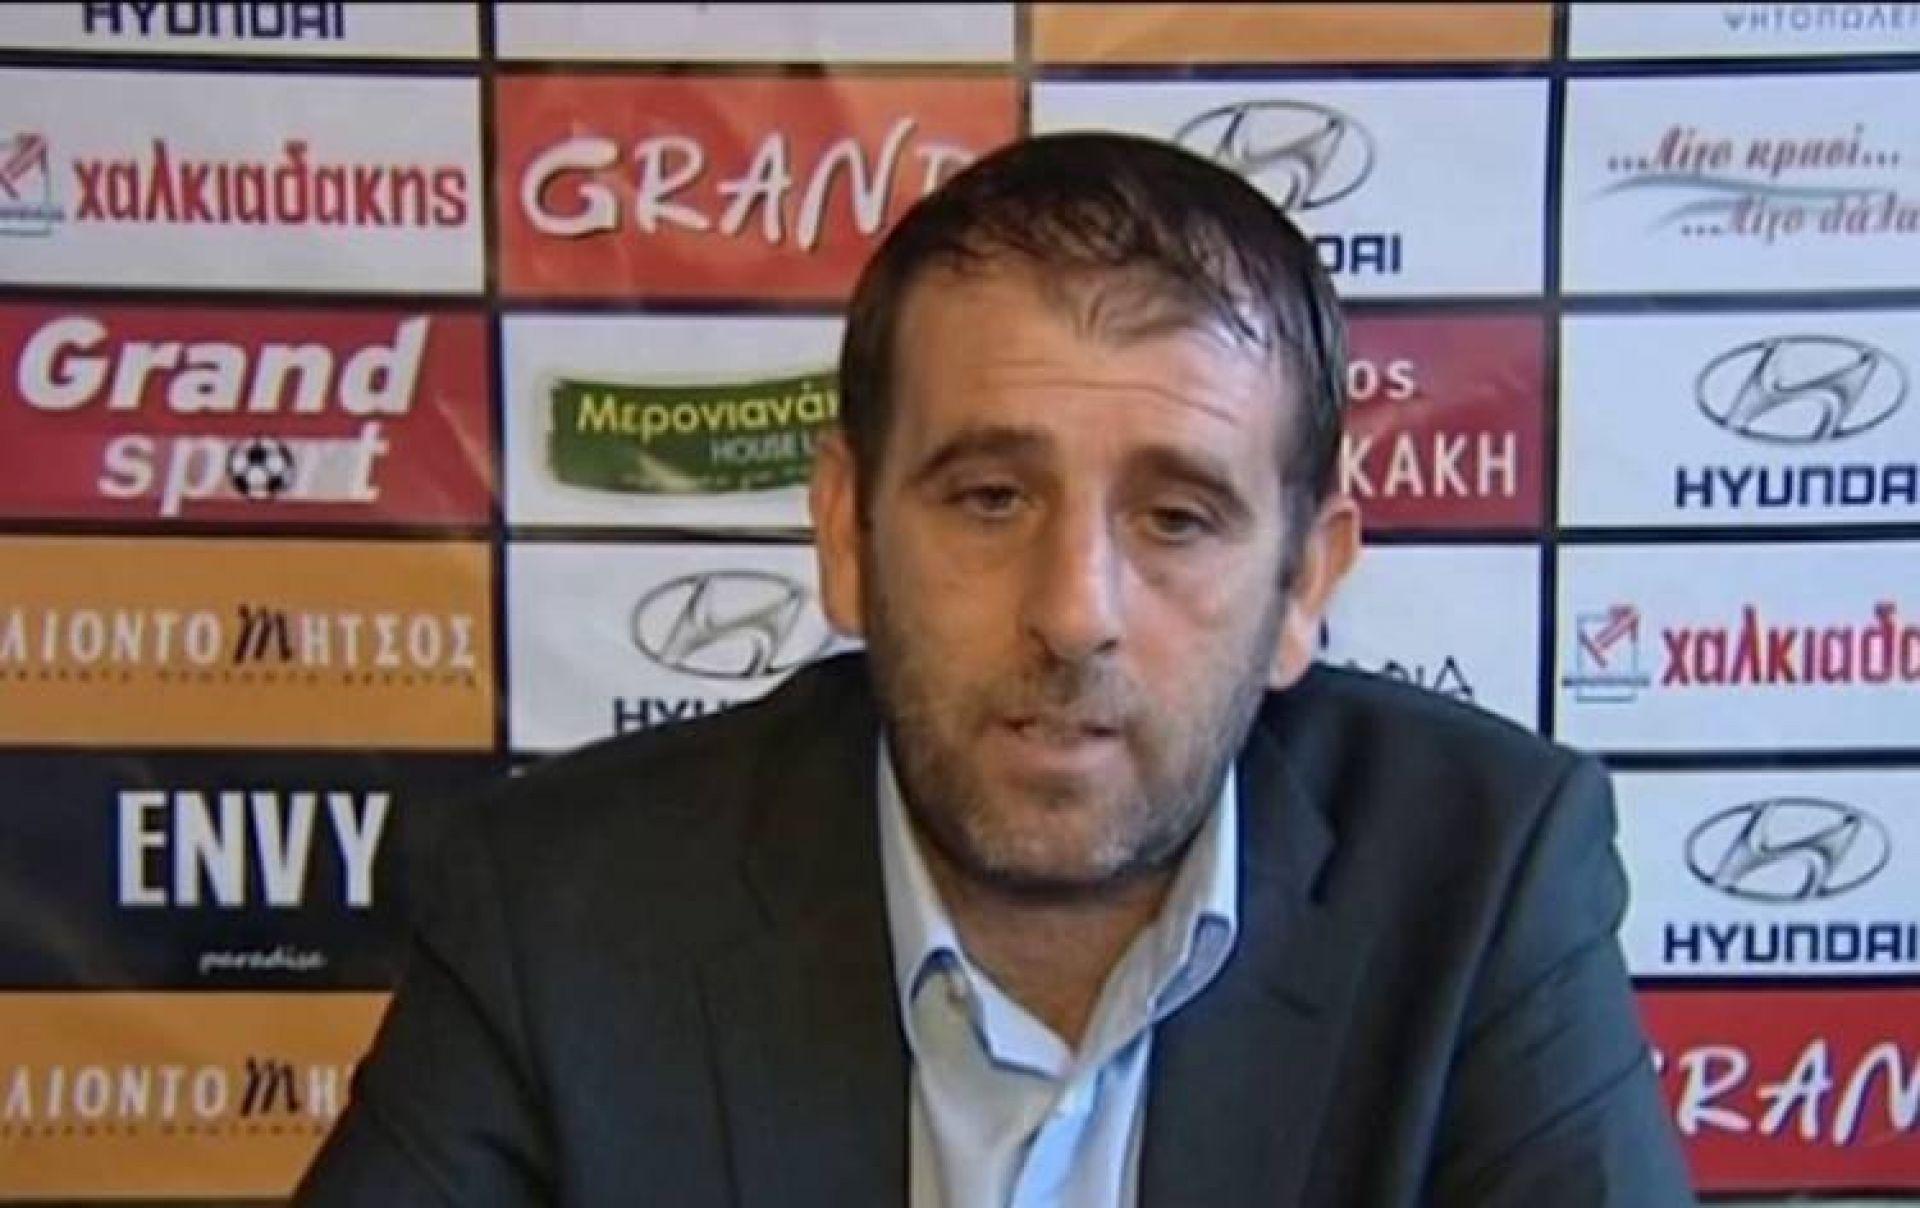 Ο Μανώλης Παπαματθαιάκης στην ΑΕ Καραϊσκάκης! (αποκλειστικό)